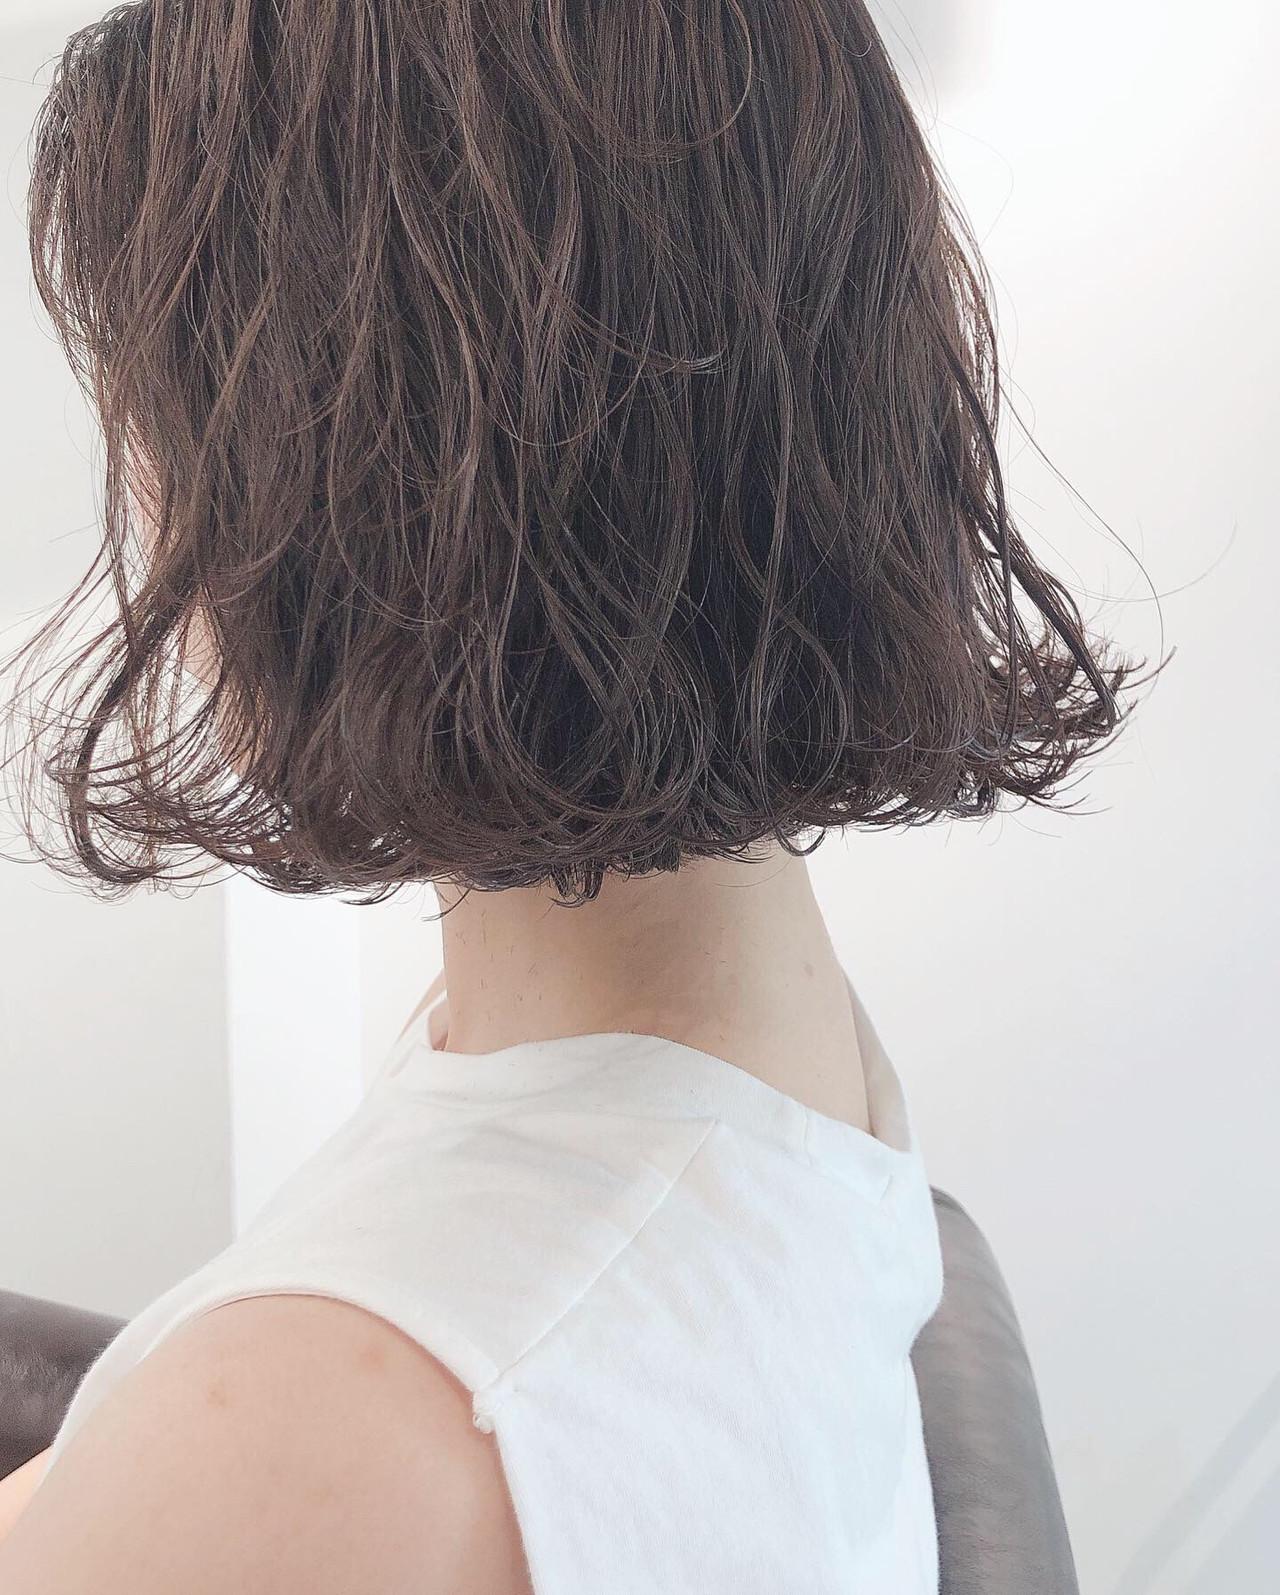 簡単ヘアアレンジ ボブ ミルクティーベージュ 外ハネボブ ヘアスタイルや髪型の写真・画像 | 上田智久 / ooit 福岡 天神 / ooit